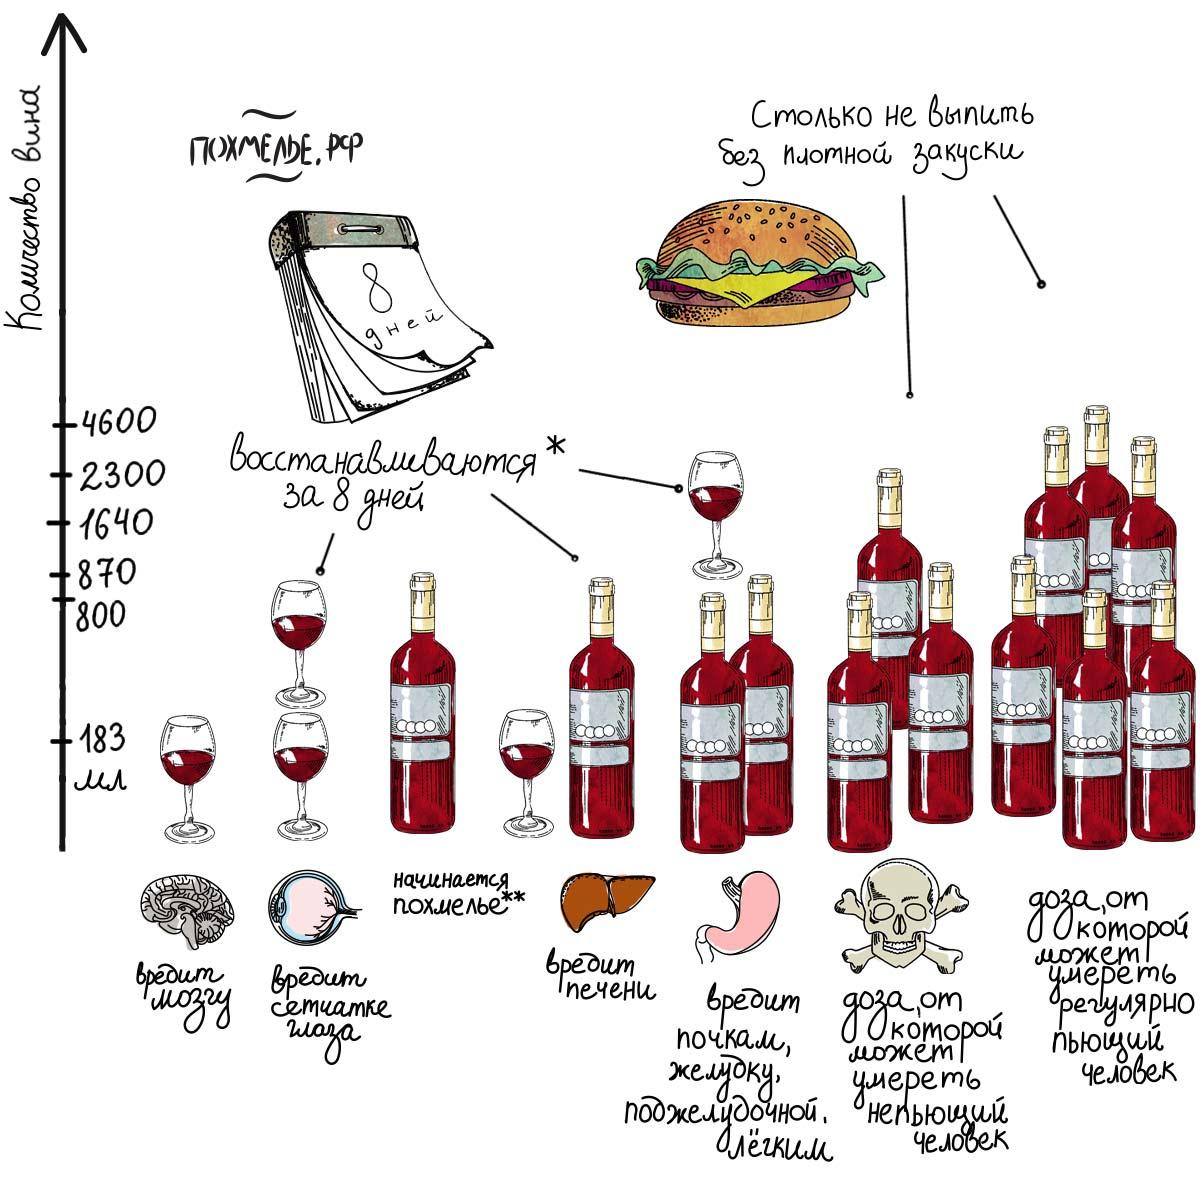 Нужно ли пить алкоголь для здоровья